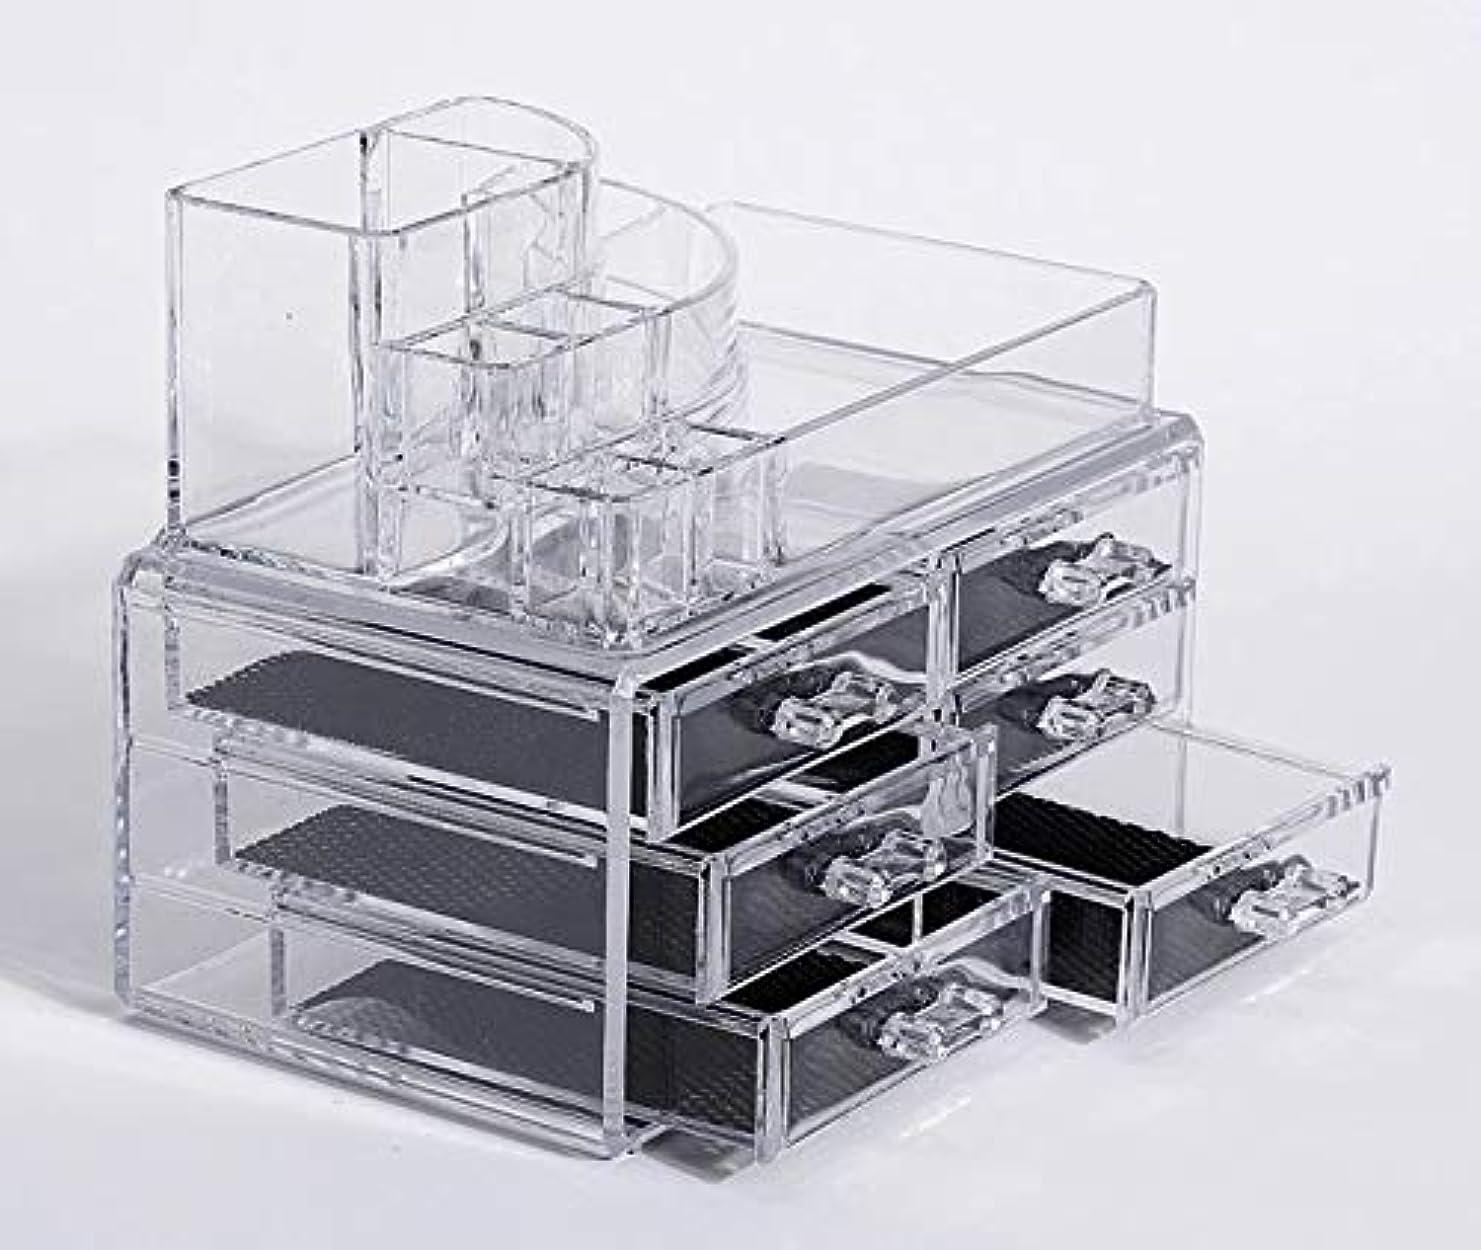 シールド現象語化粧品収納ボックス メイクボックス 化粧品 収納 ニオイなし 騒音なし 防塵 高透明度 強い耐久性